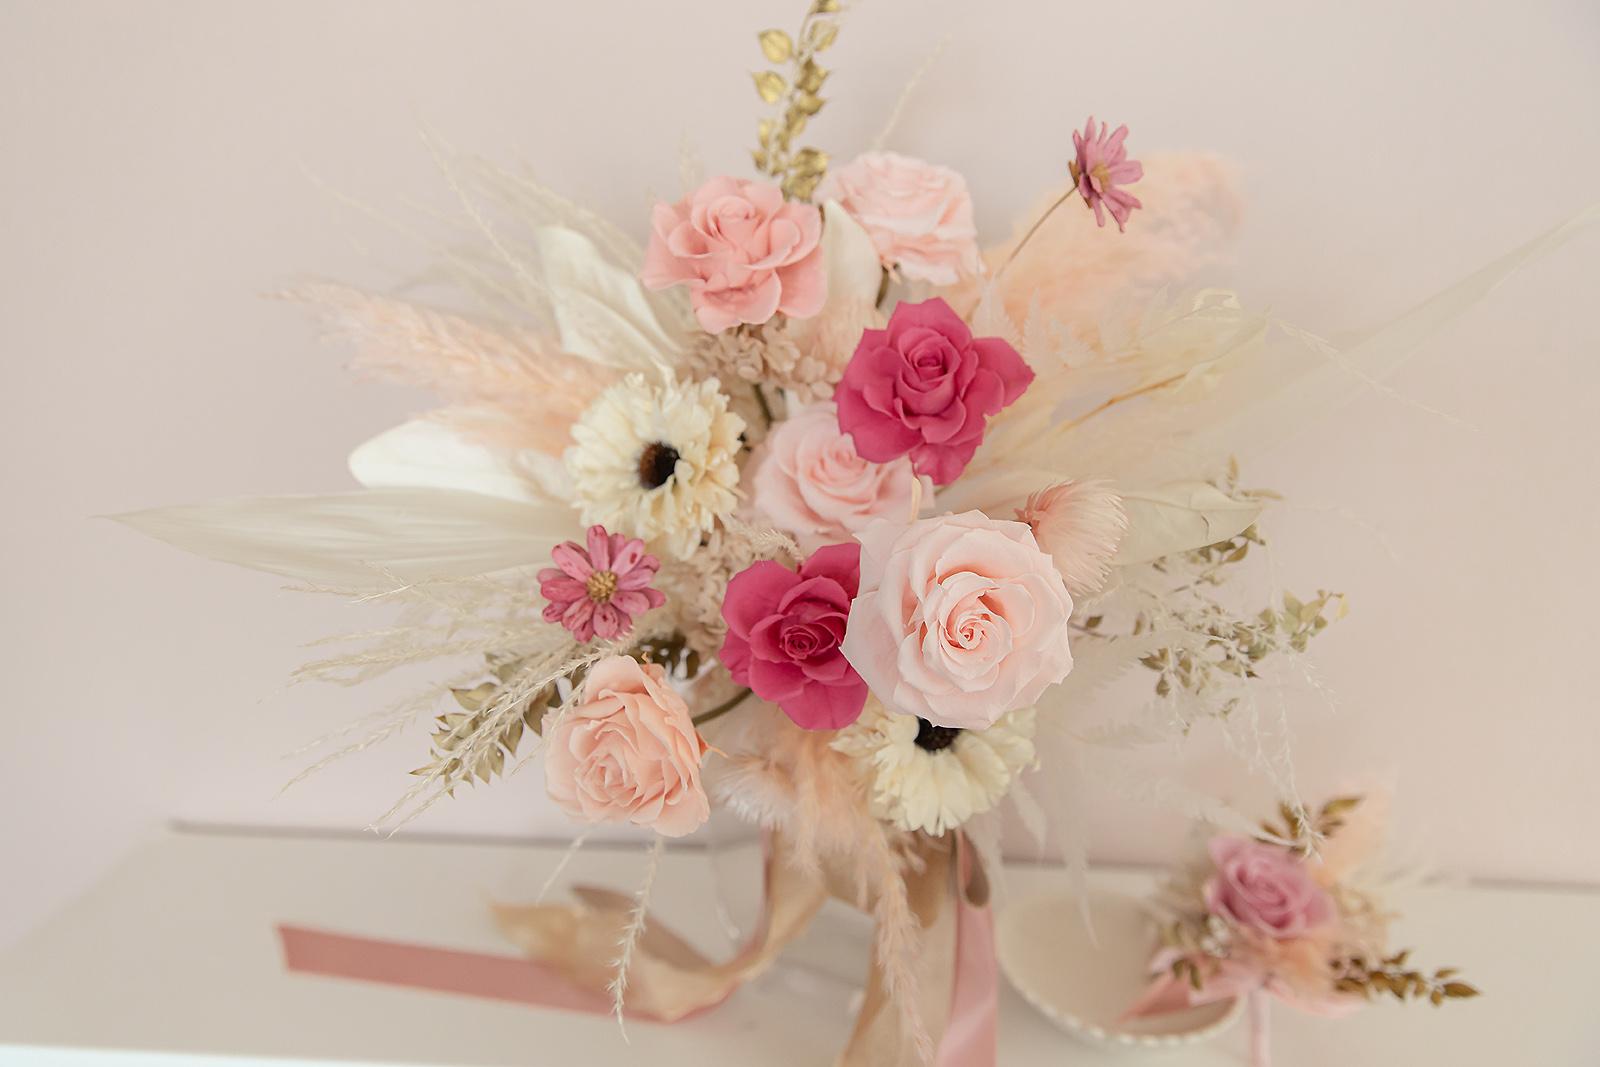 新娘捧花, 粉色系捧花, 捧花新秘, 不凋花捧花, 高雄捧花, 高雄不凋花, 高雄永生花